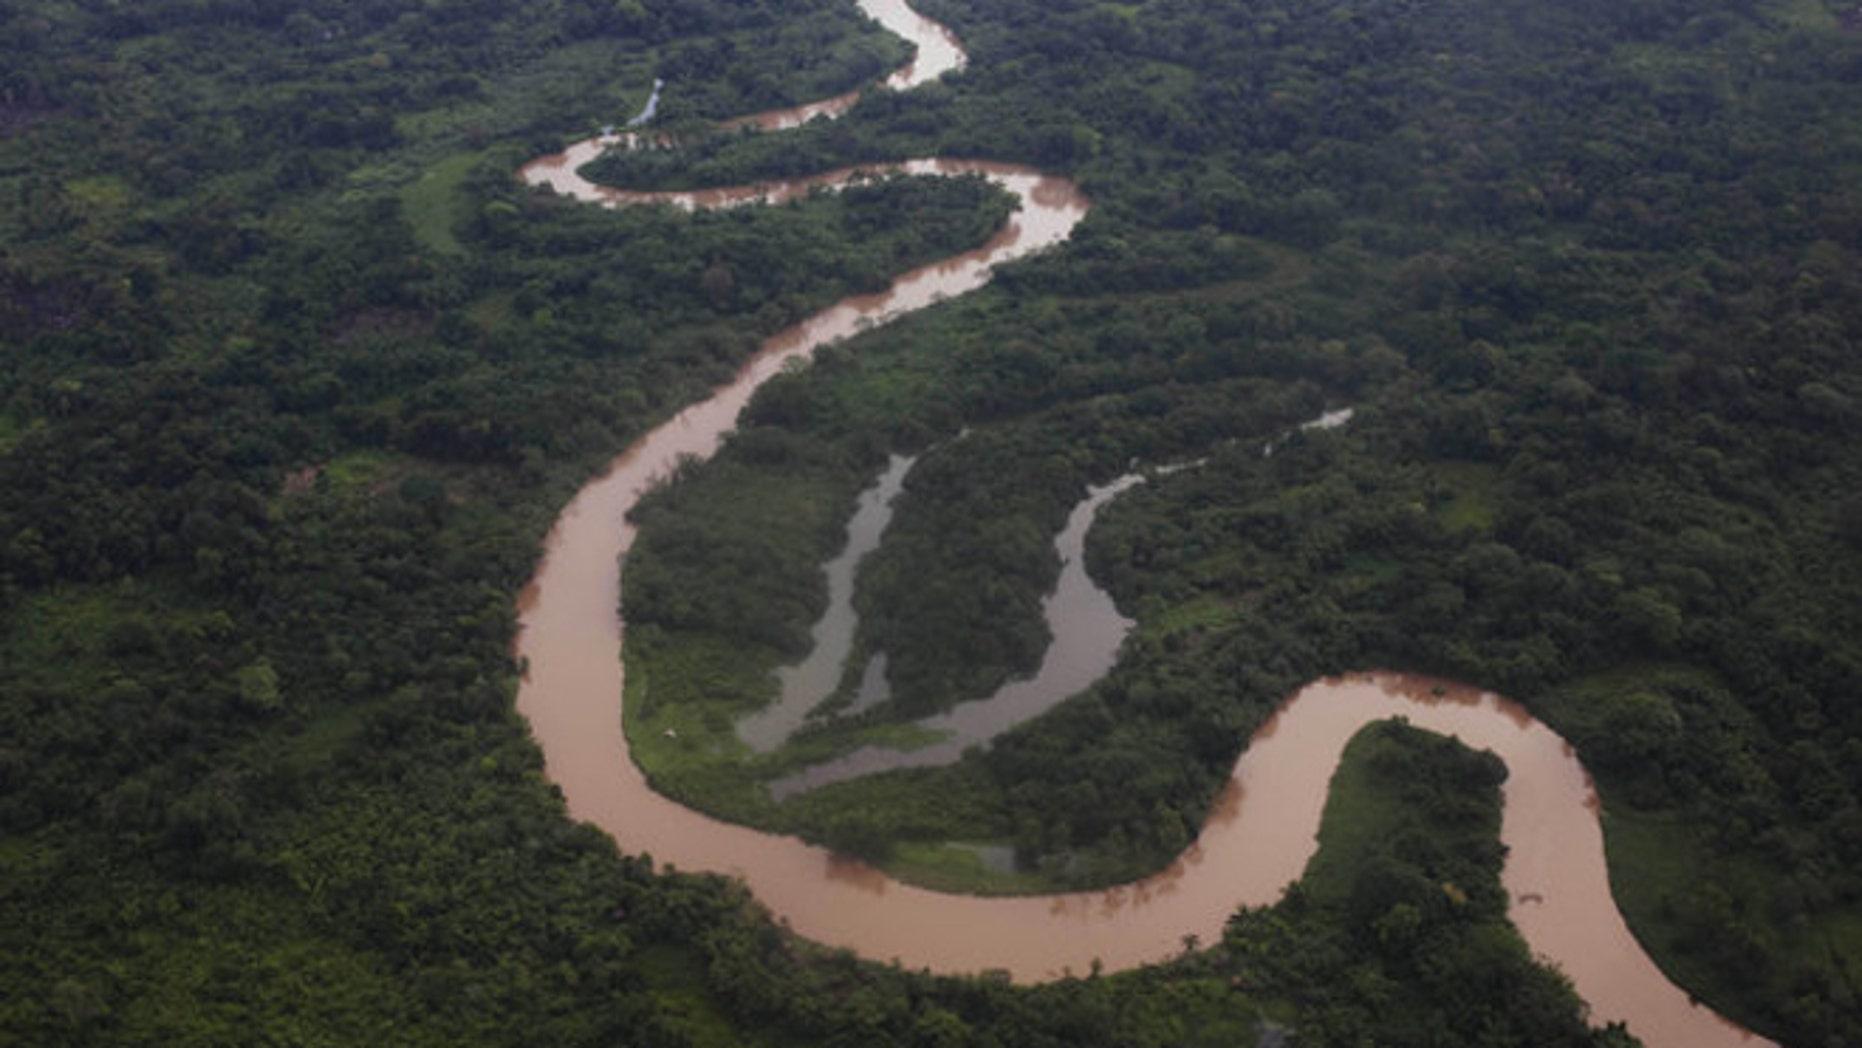 An aerial view of Honduras' Mosquitia region.